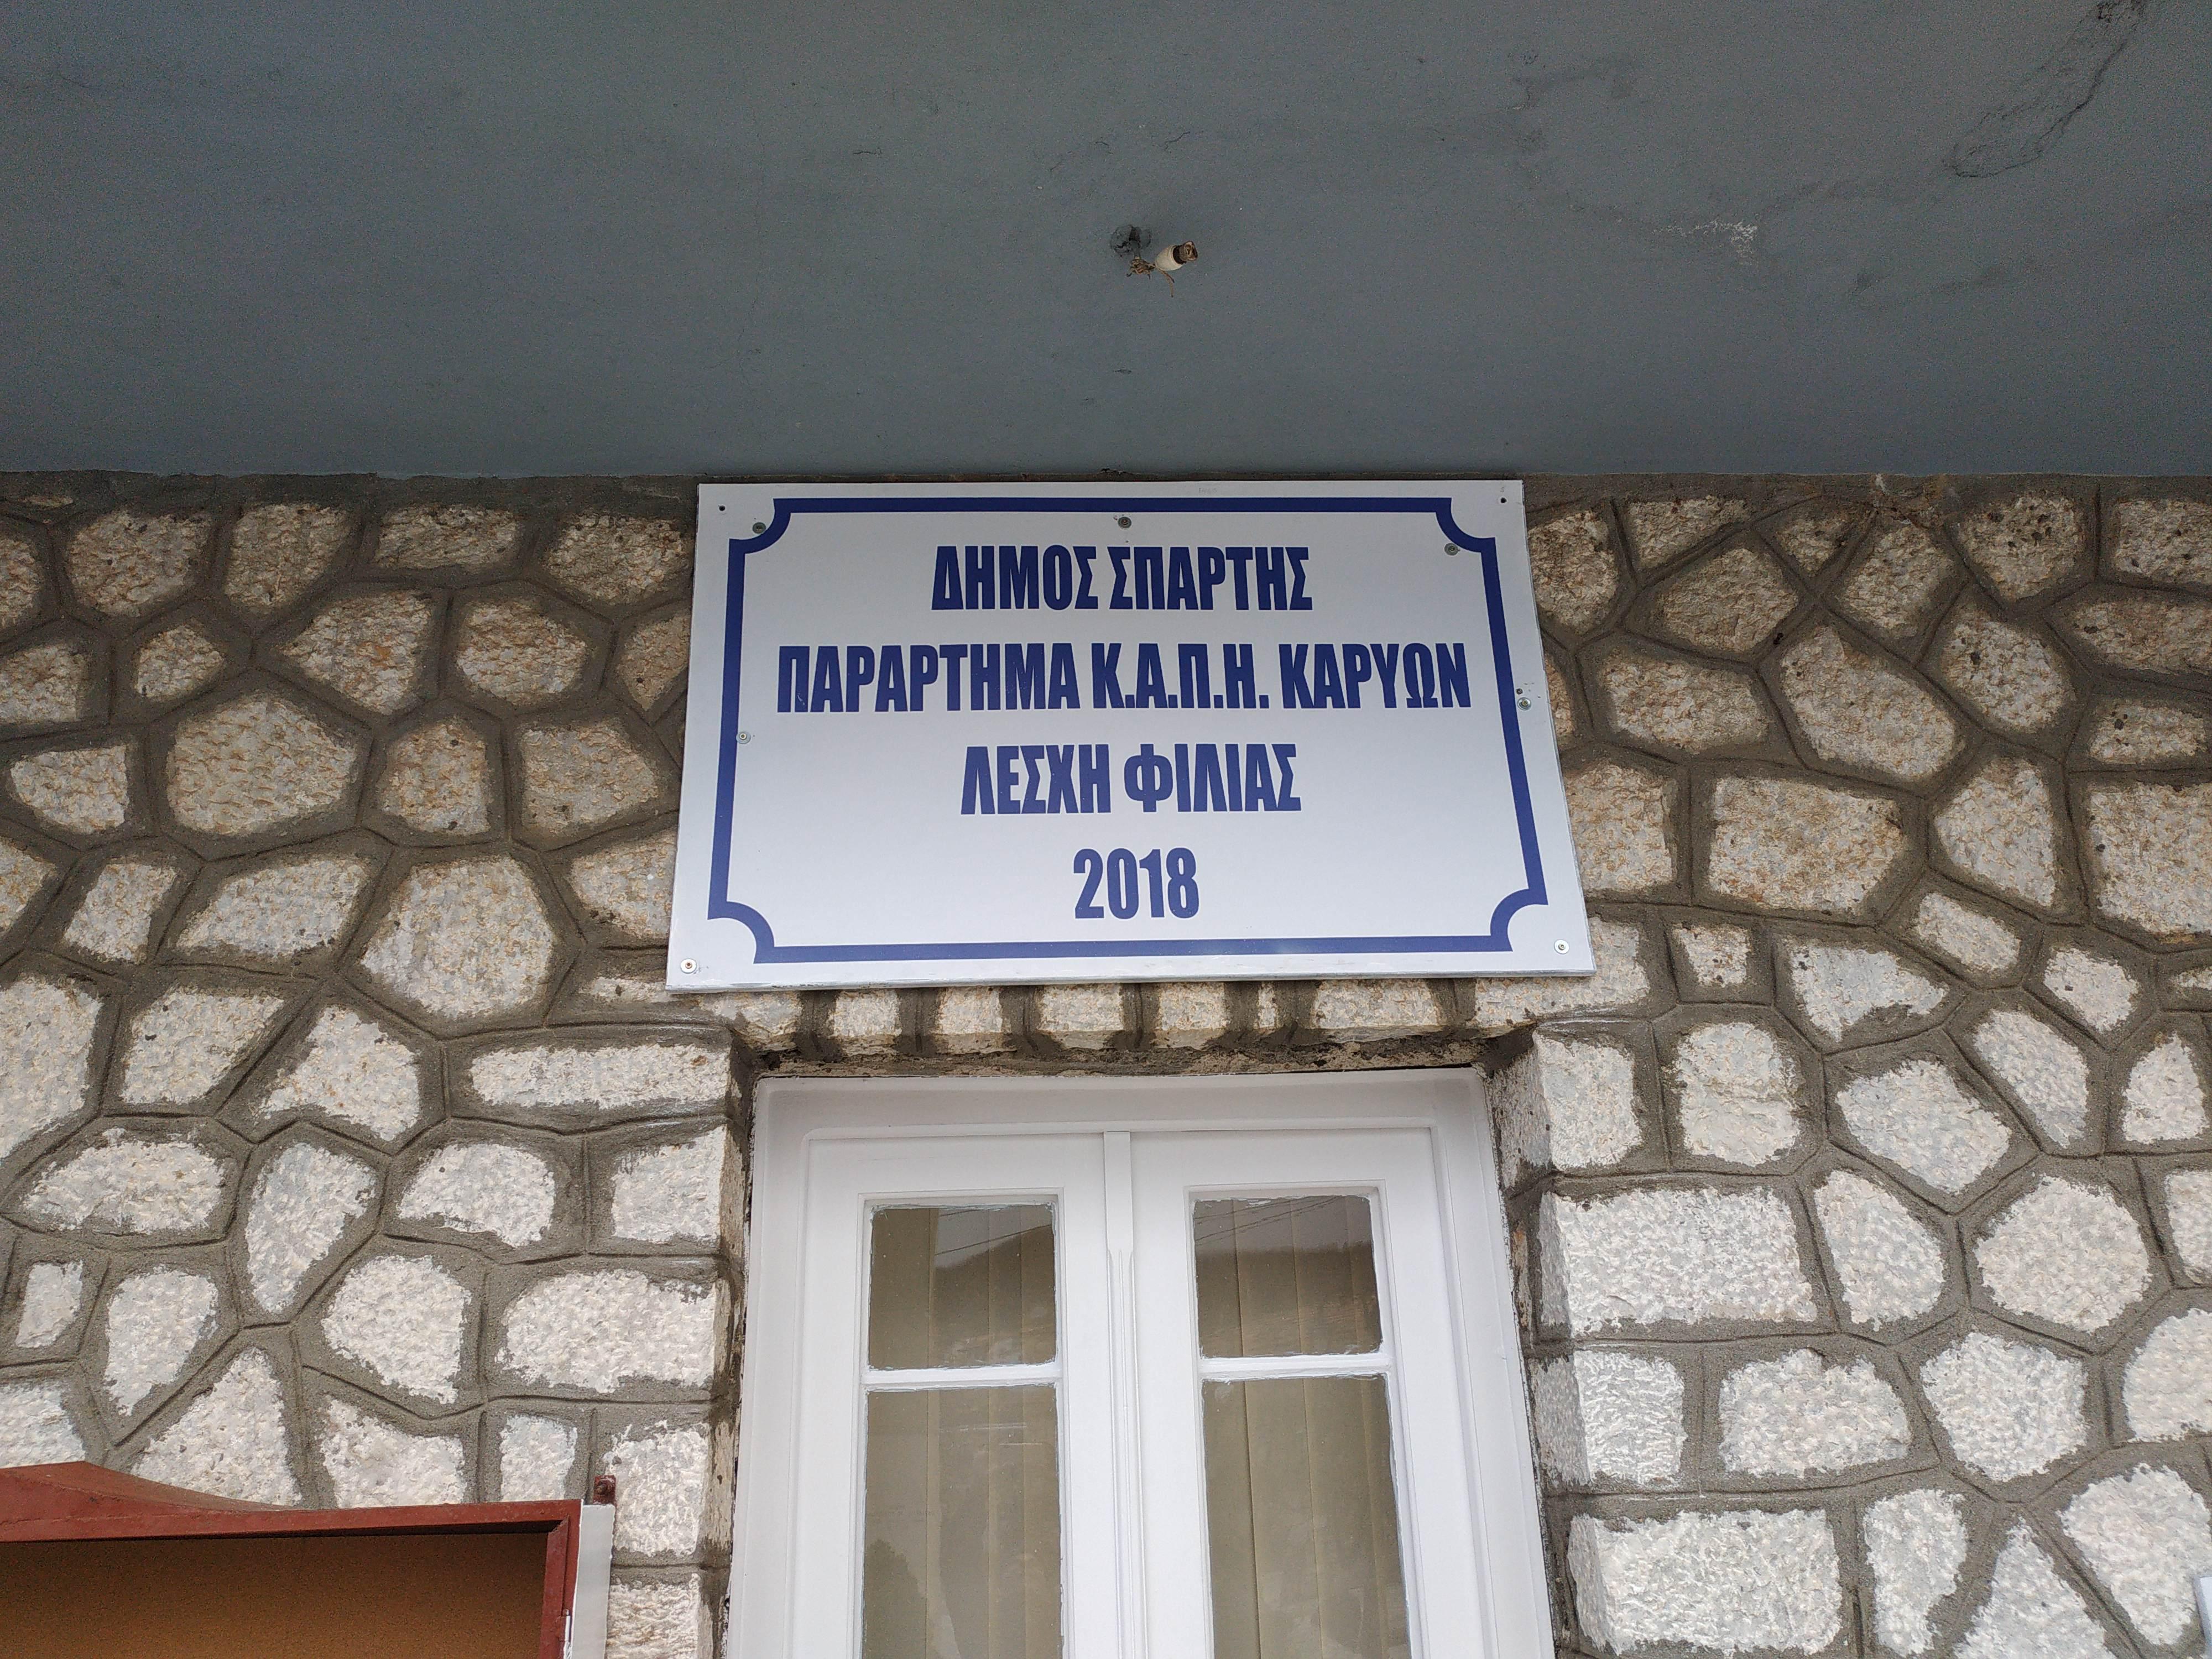 Το ΚΑΠΗ Καρυών και τη Βιβλιοθήκη Καστορείου εγκαινίασε ο Δήμος Σπάρτης